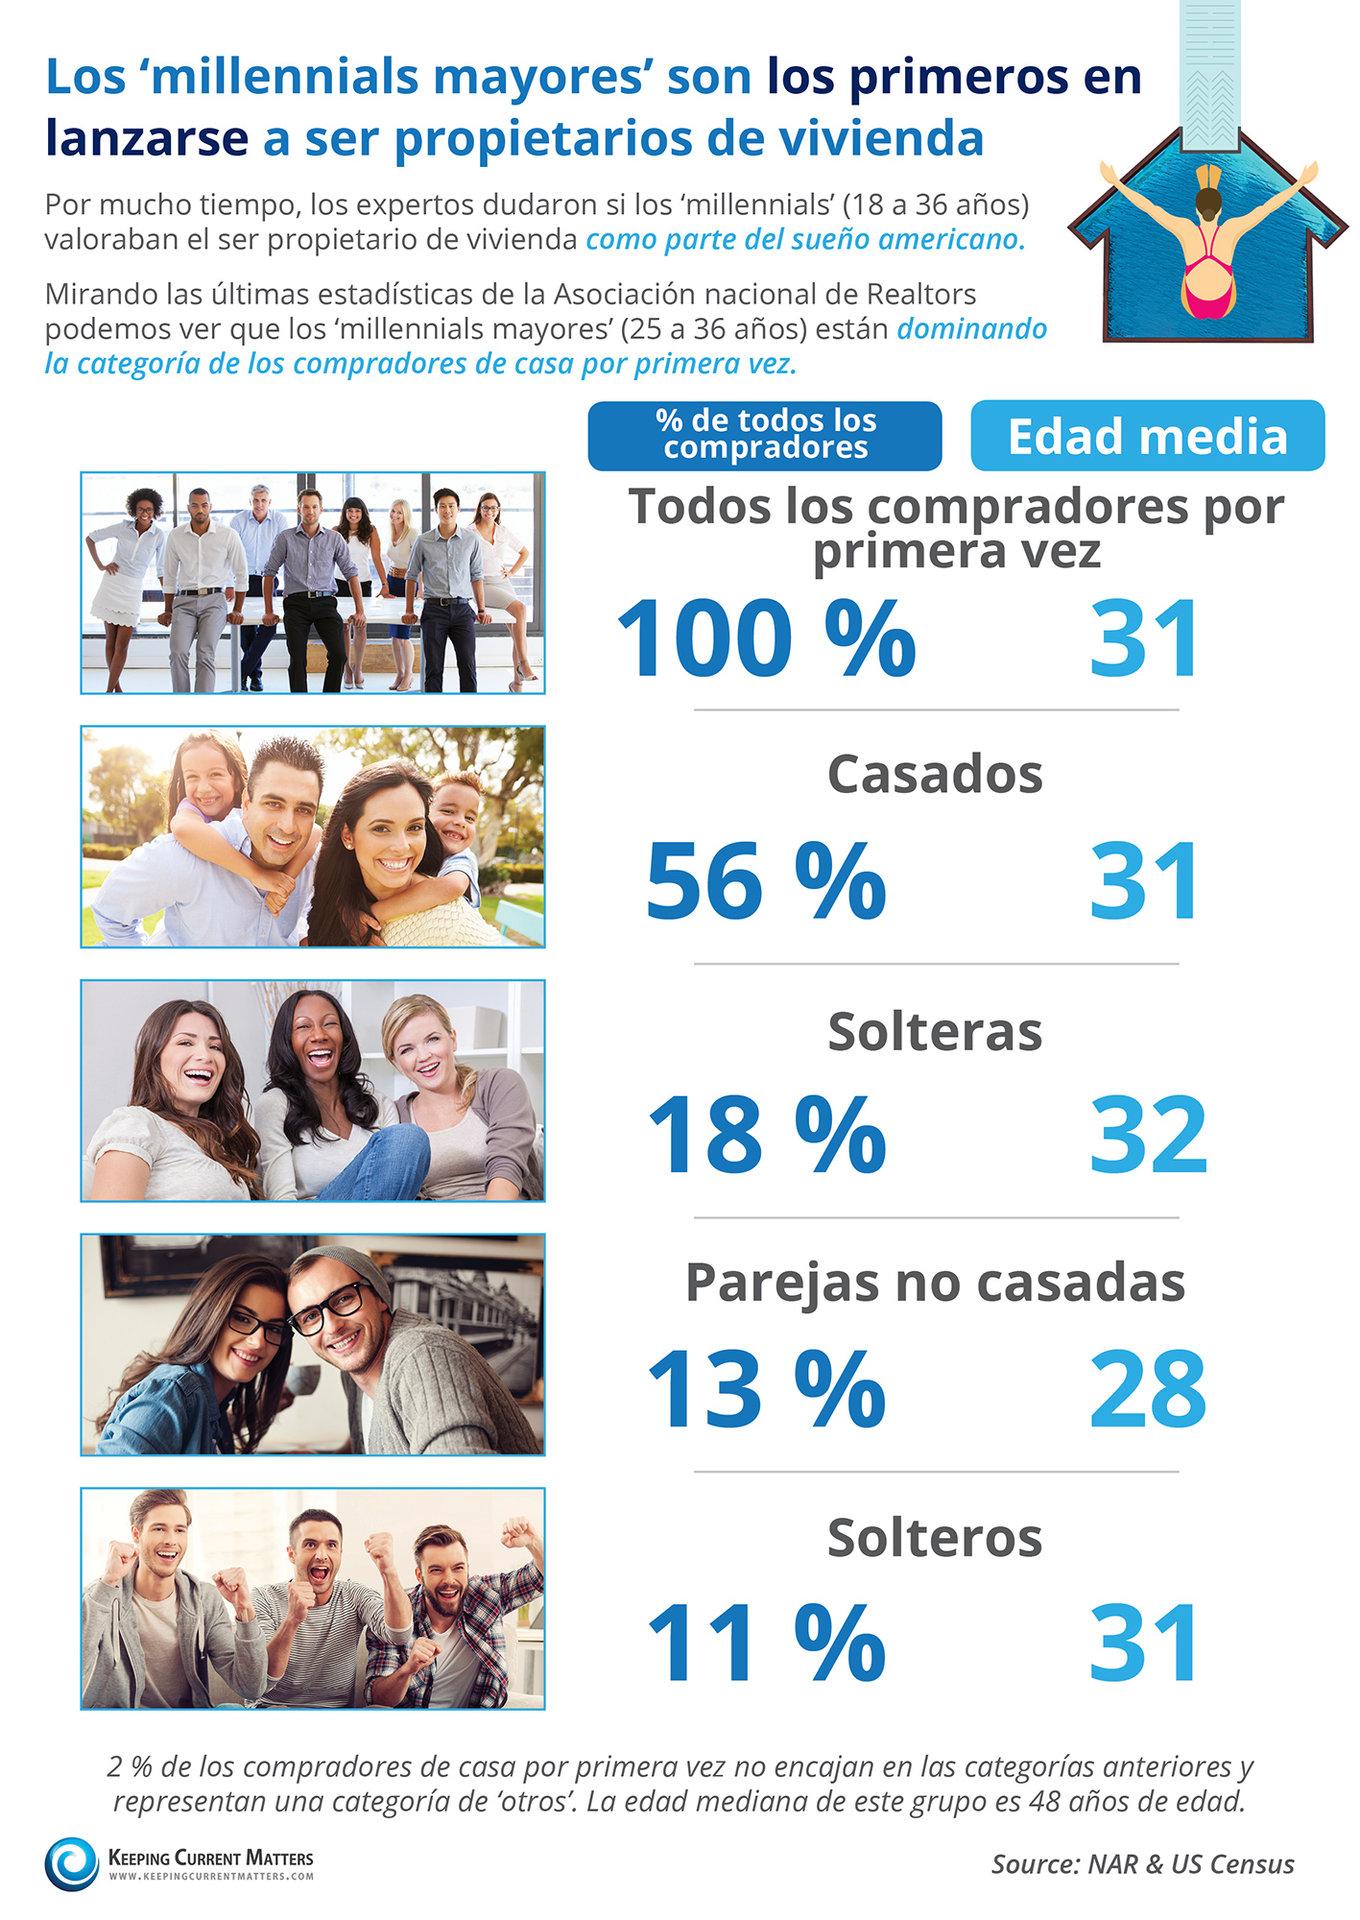 Los 'millennials mayores' son los primeros en lanzarse a ser propietarios de vivienda [infografía]| Keeping Current Matters